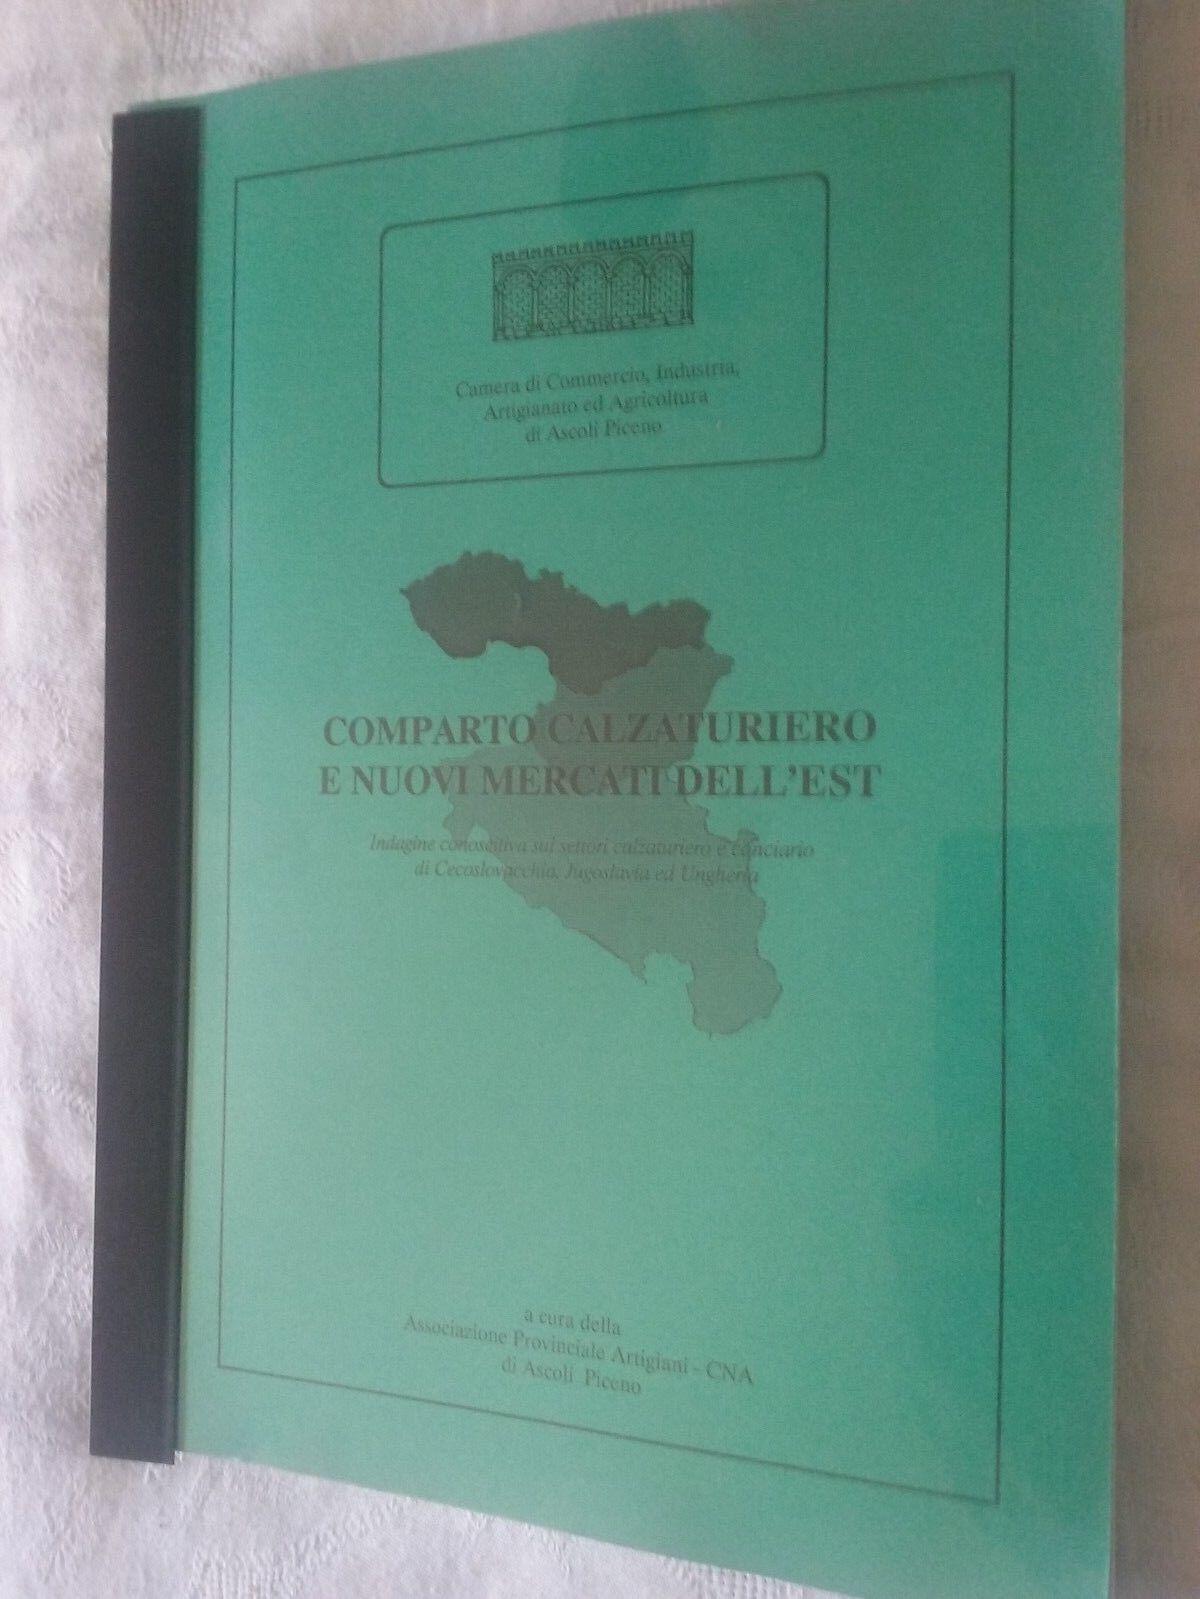 Comparto calzaturiero e nuovi mercati dell'Est - AA.VV. - Ed. CNA 1991